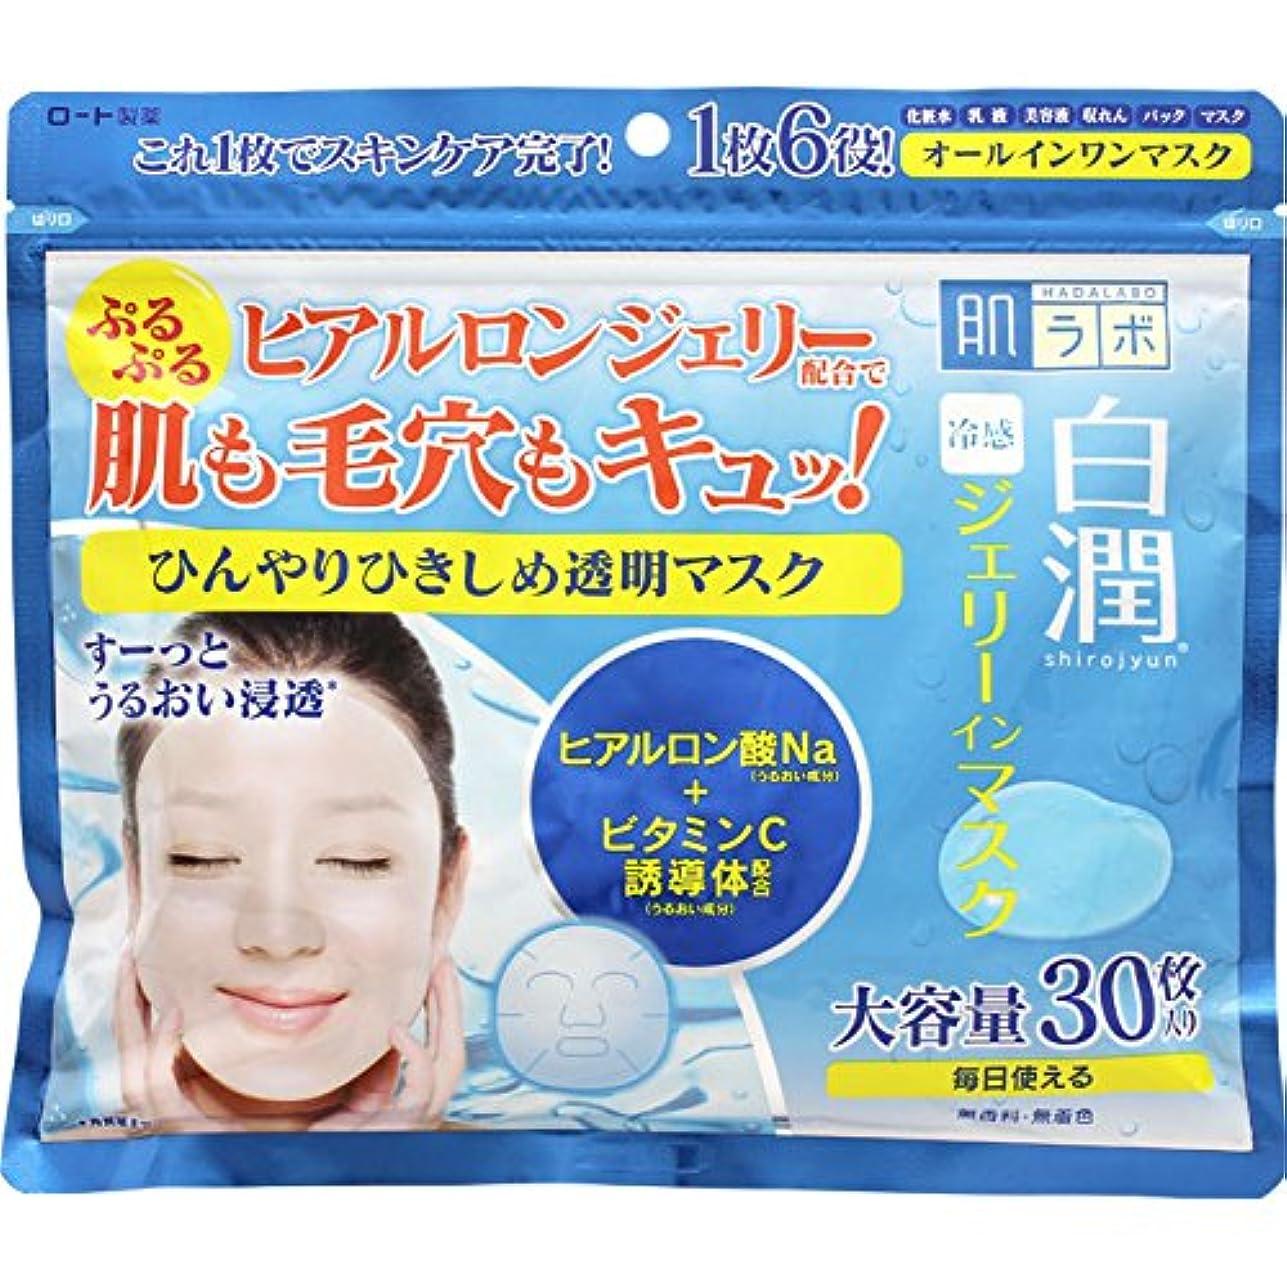 麻痺させる下向きオーケストラ肌ラボ 白潤 冷感ジェリーインマスク 化粧水?乳液?美容液?収れん?パック?マスクの1枚6役 大容量30枚